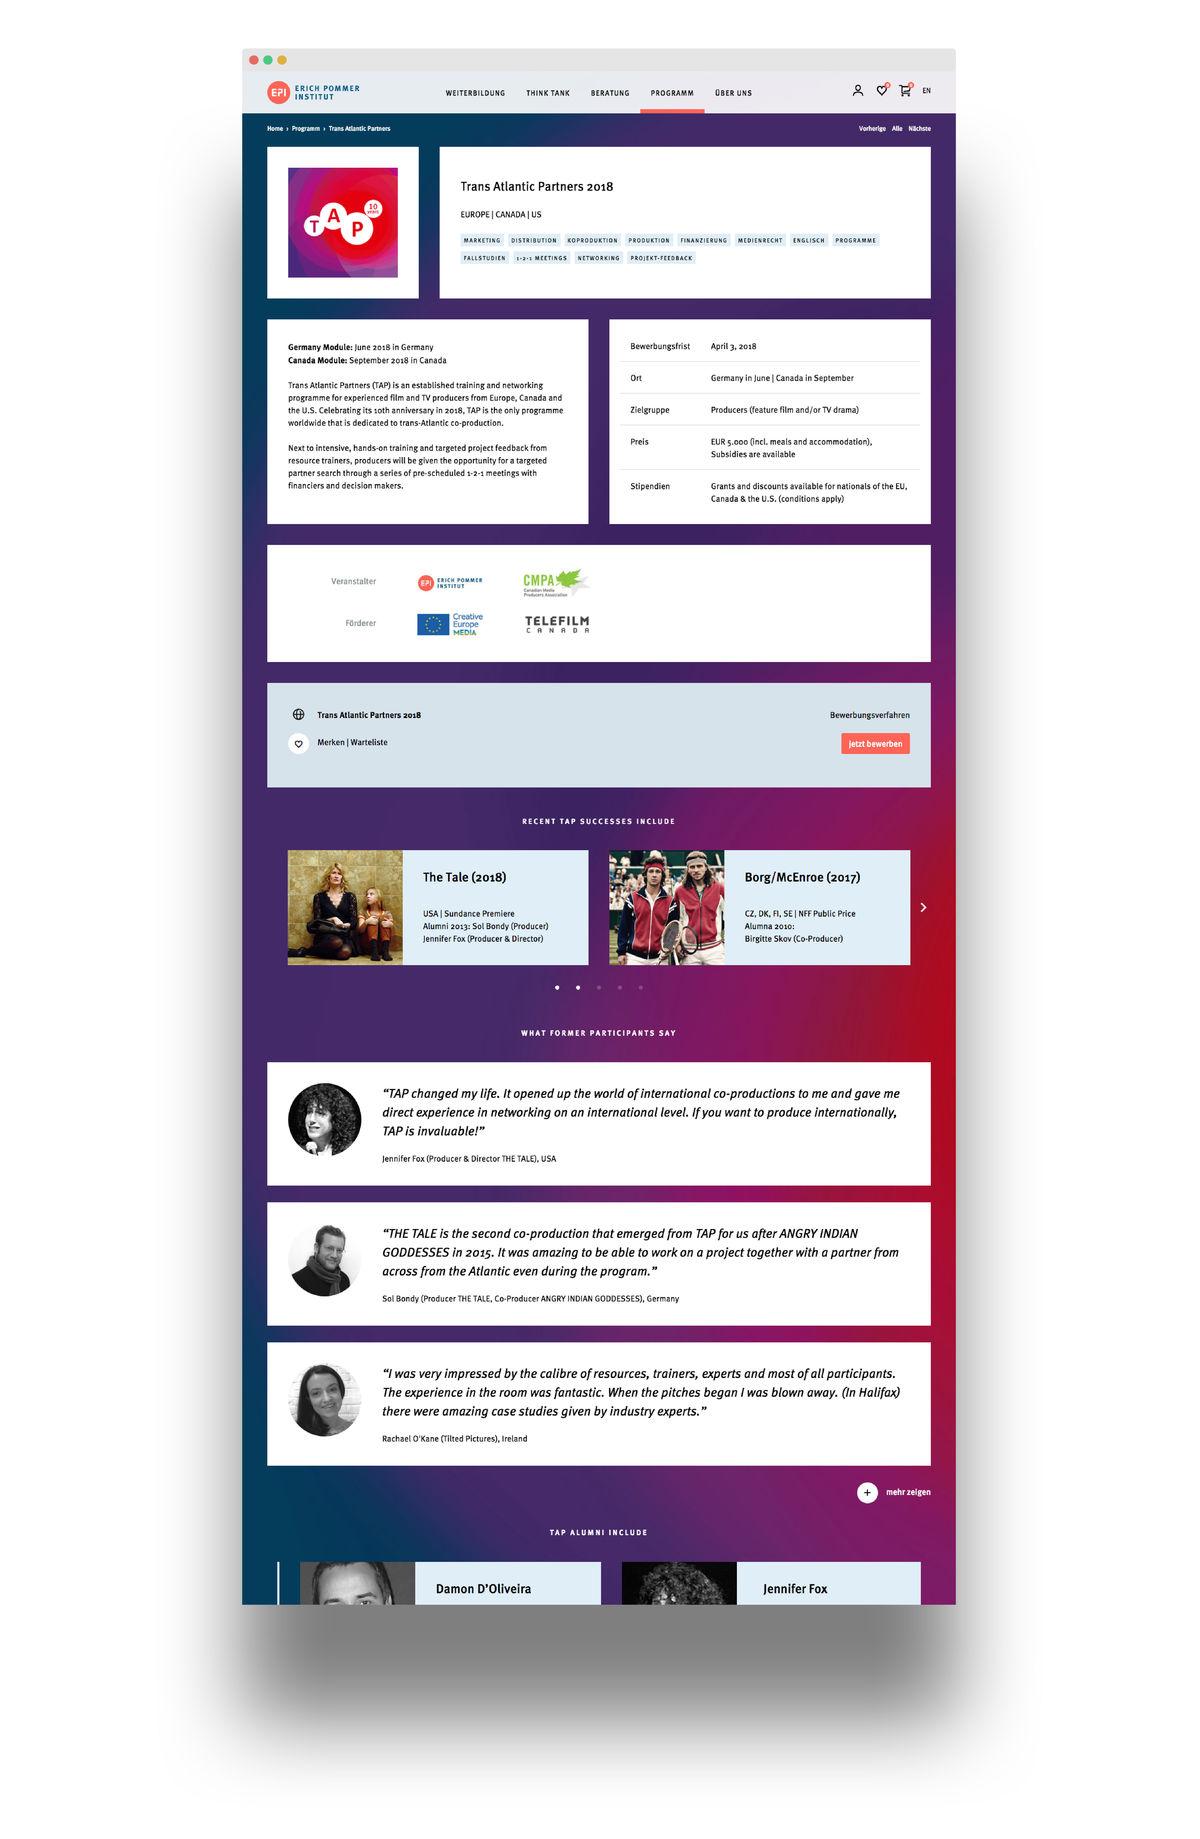 halifax Dating-Veranstaltungen Öffner für Online-Dating pua